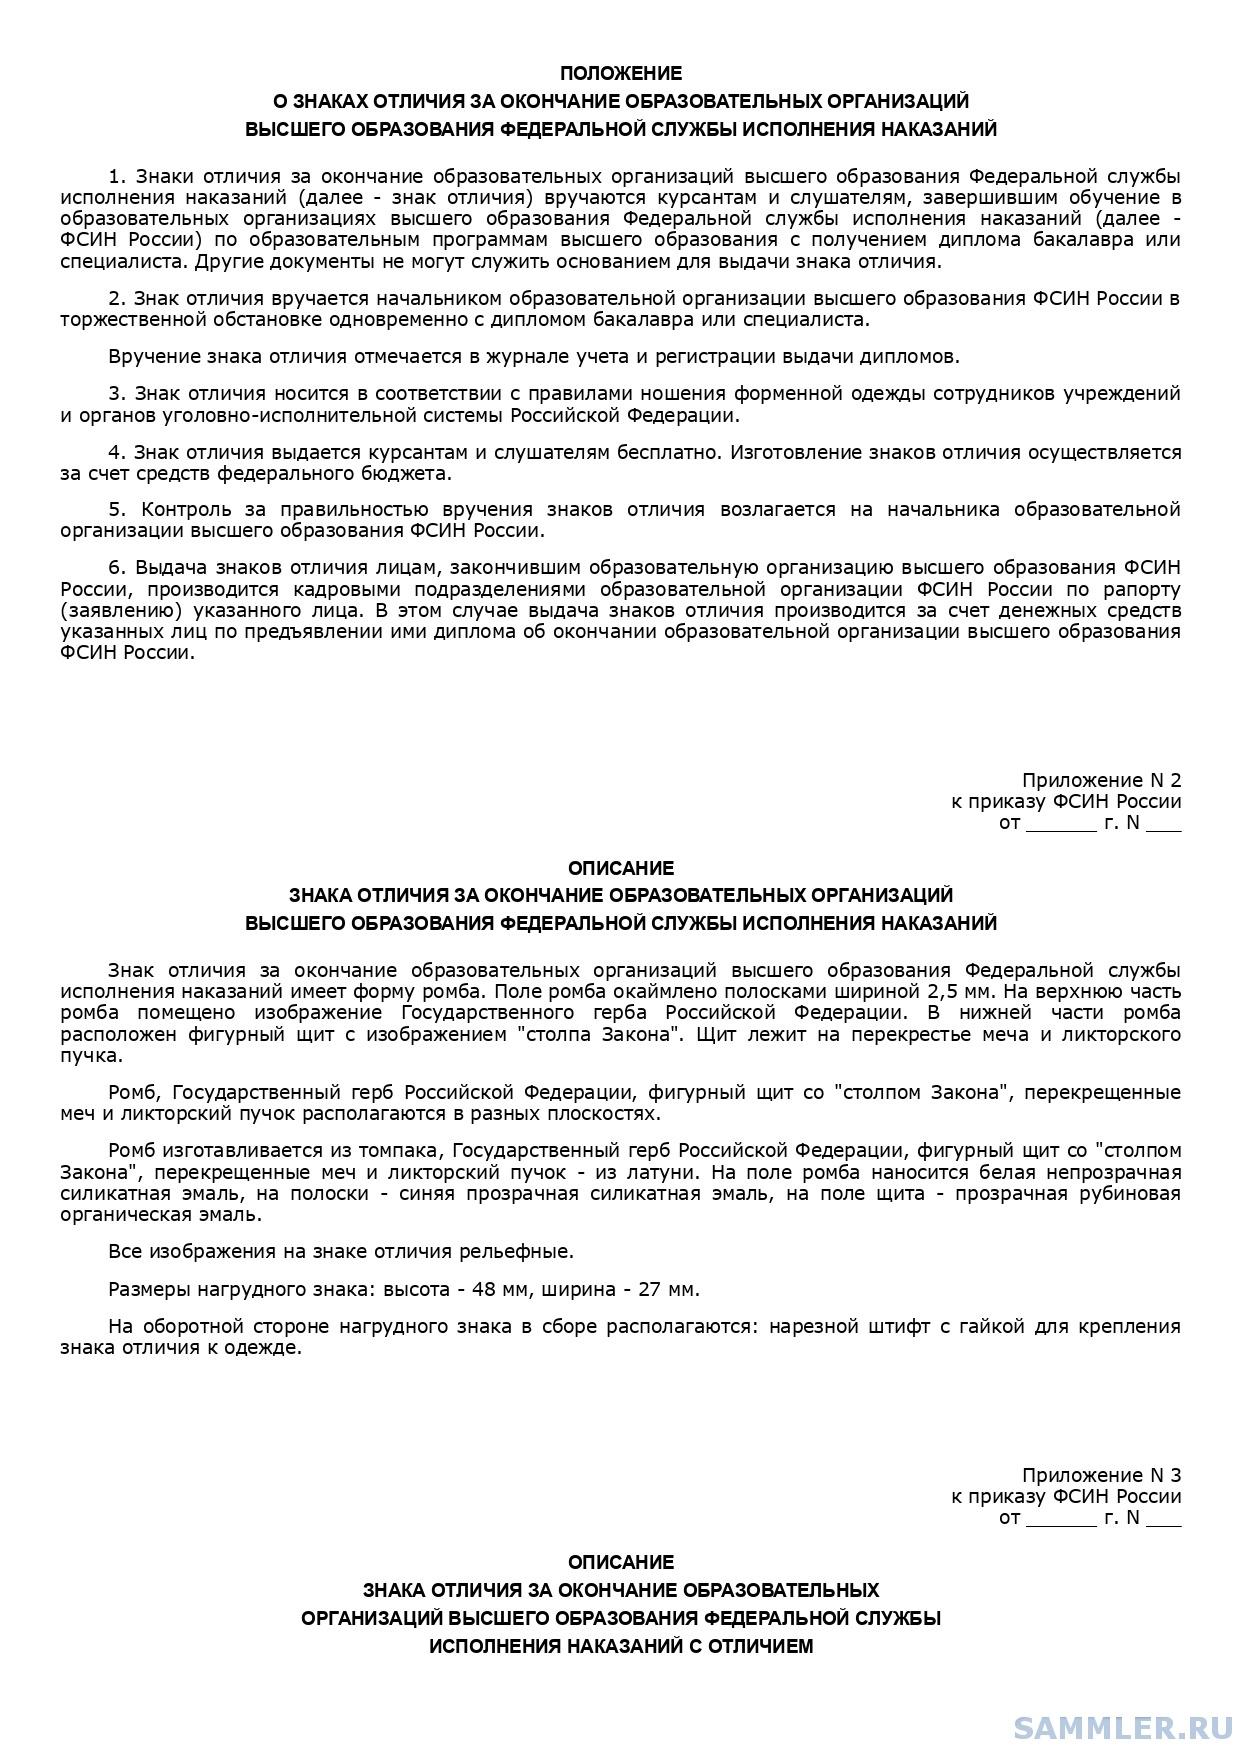 Проект  ФСИН ромбы_page-0002.jpg